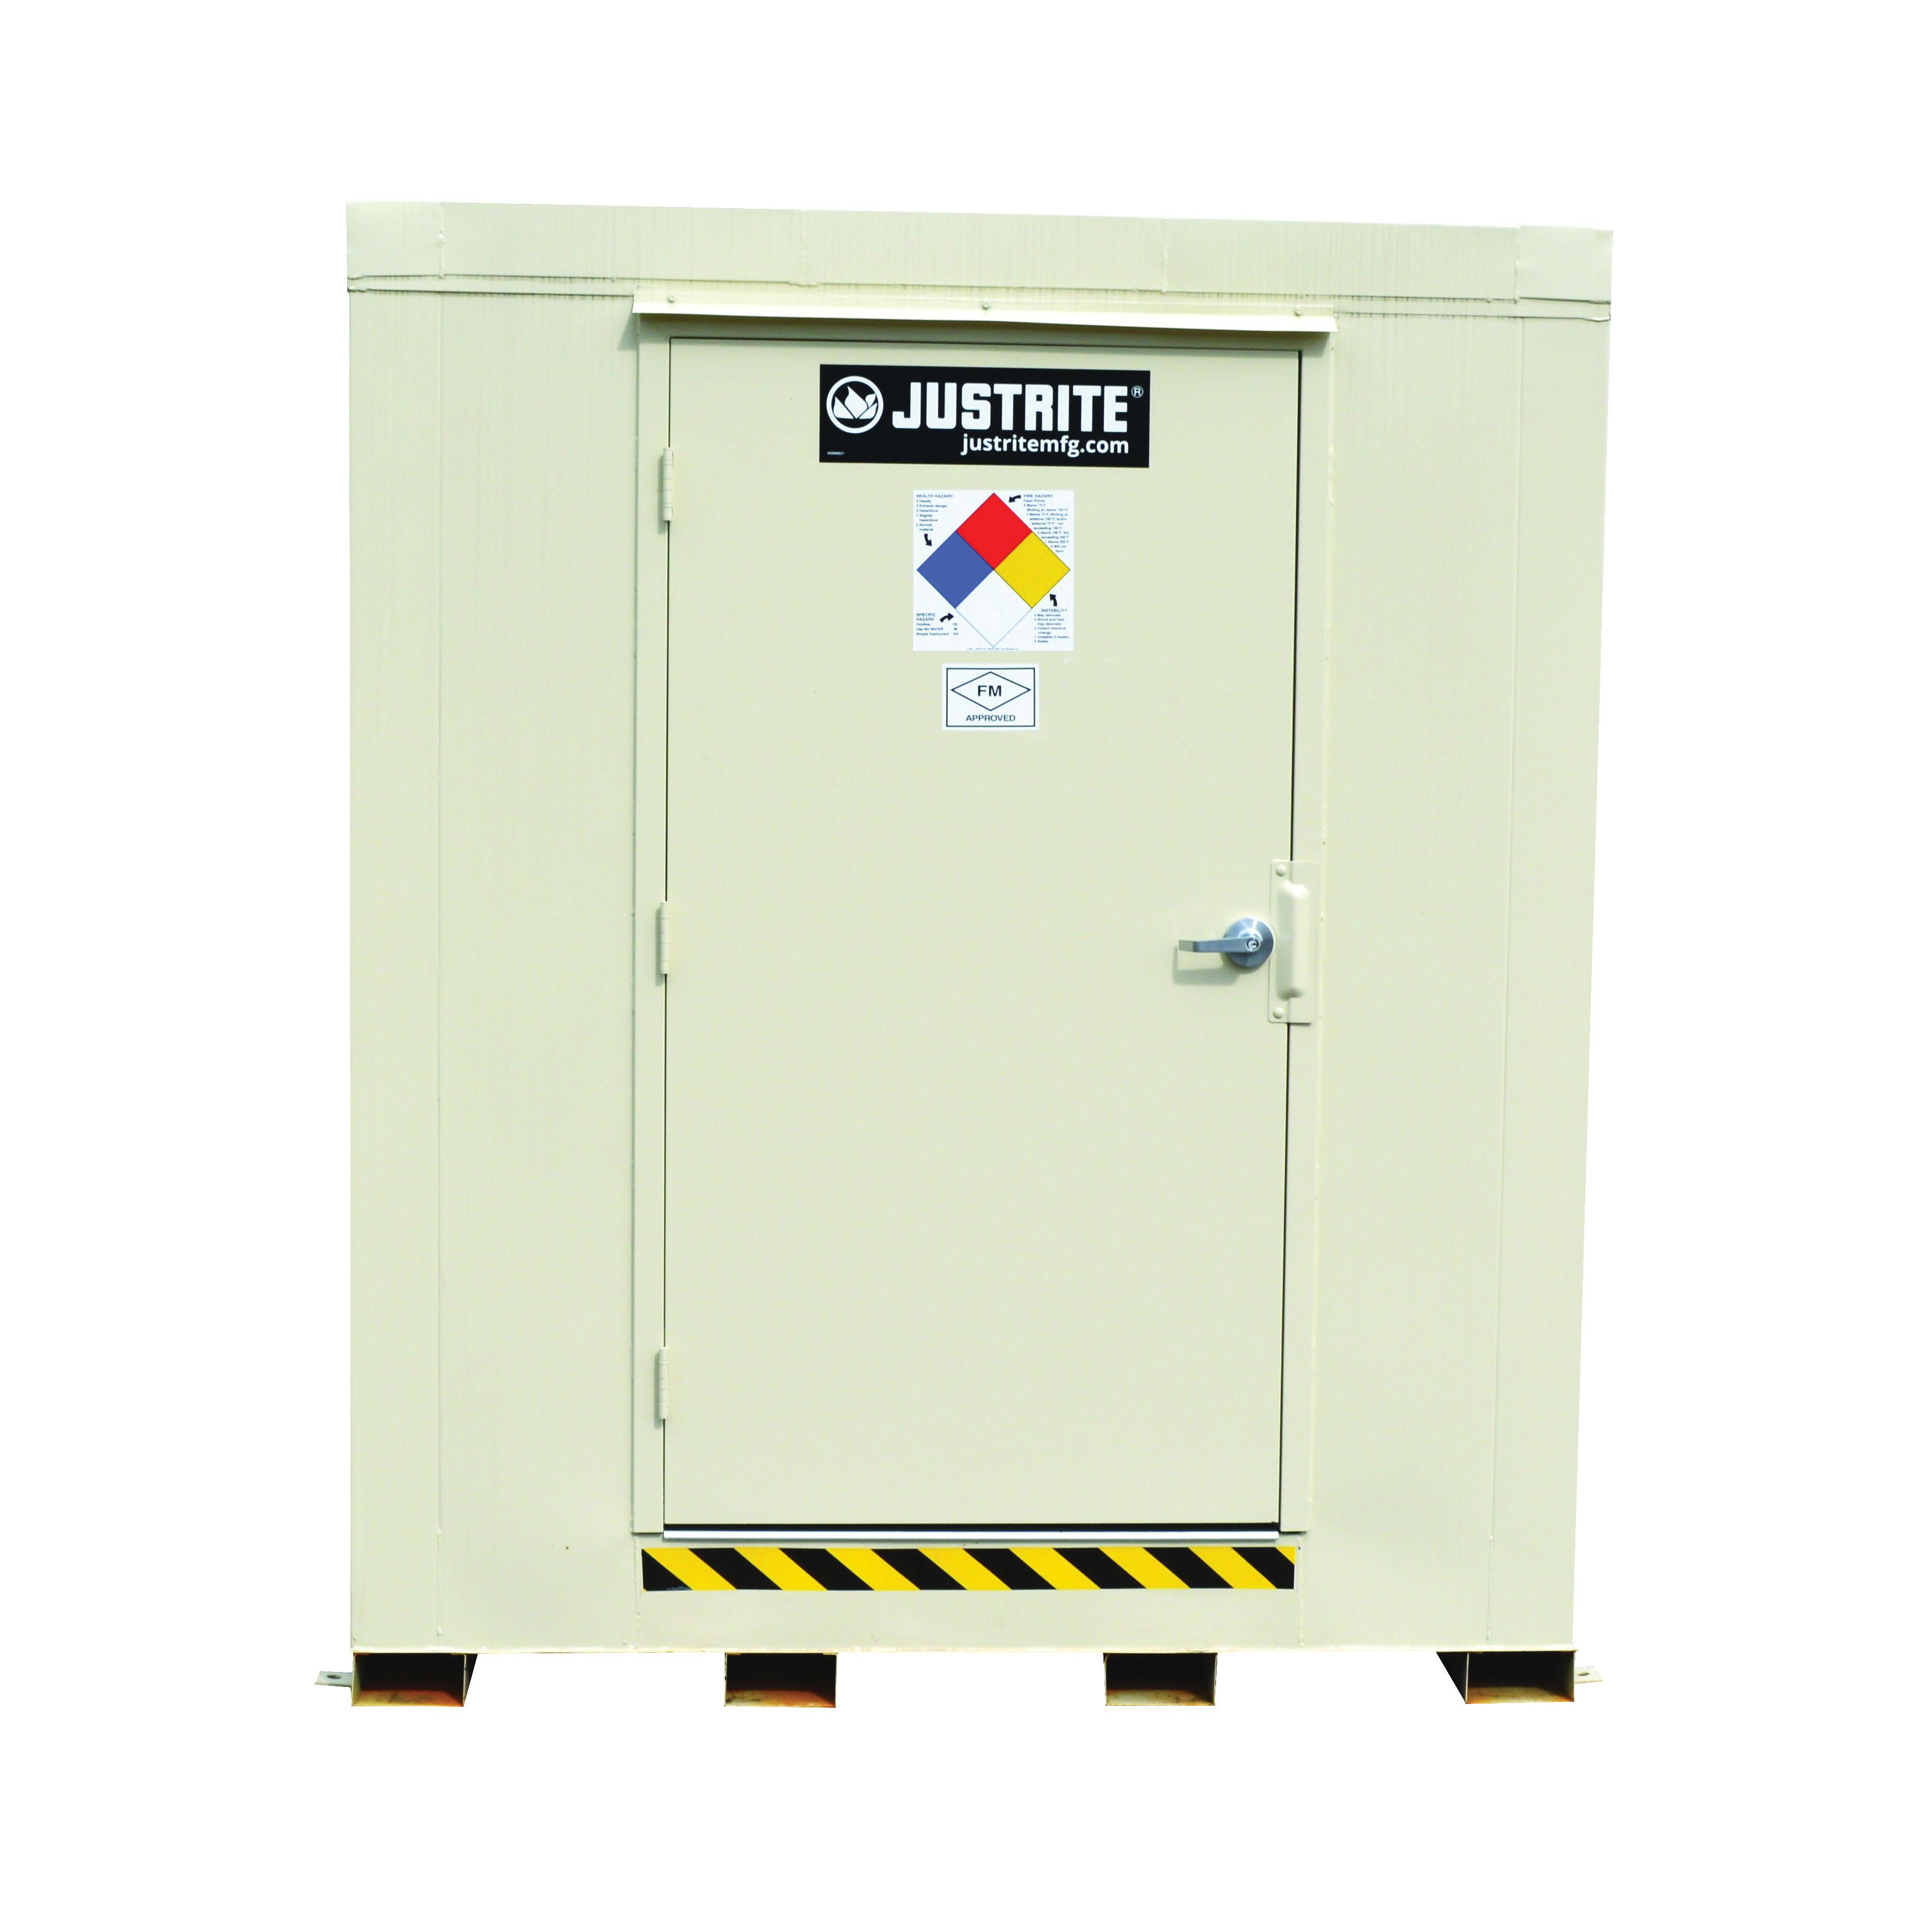 Justrite® 912121 Outdoor Safety Locker, 2 hr Fire Rating, 97 in H x 88 in W x 112 in D, Fire-Rated Door, 1 Doors, Heavy Gauge Steel, Bone